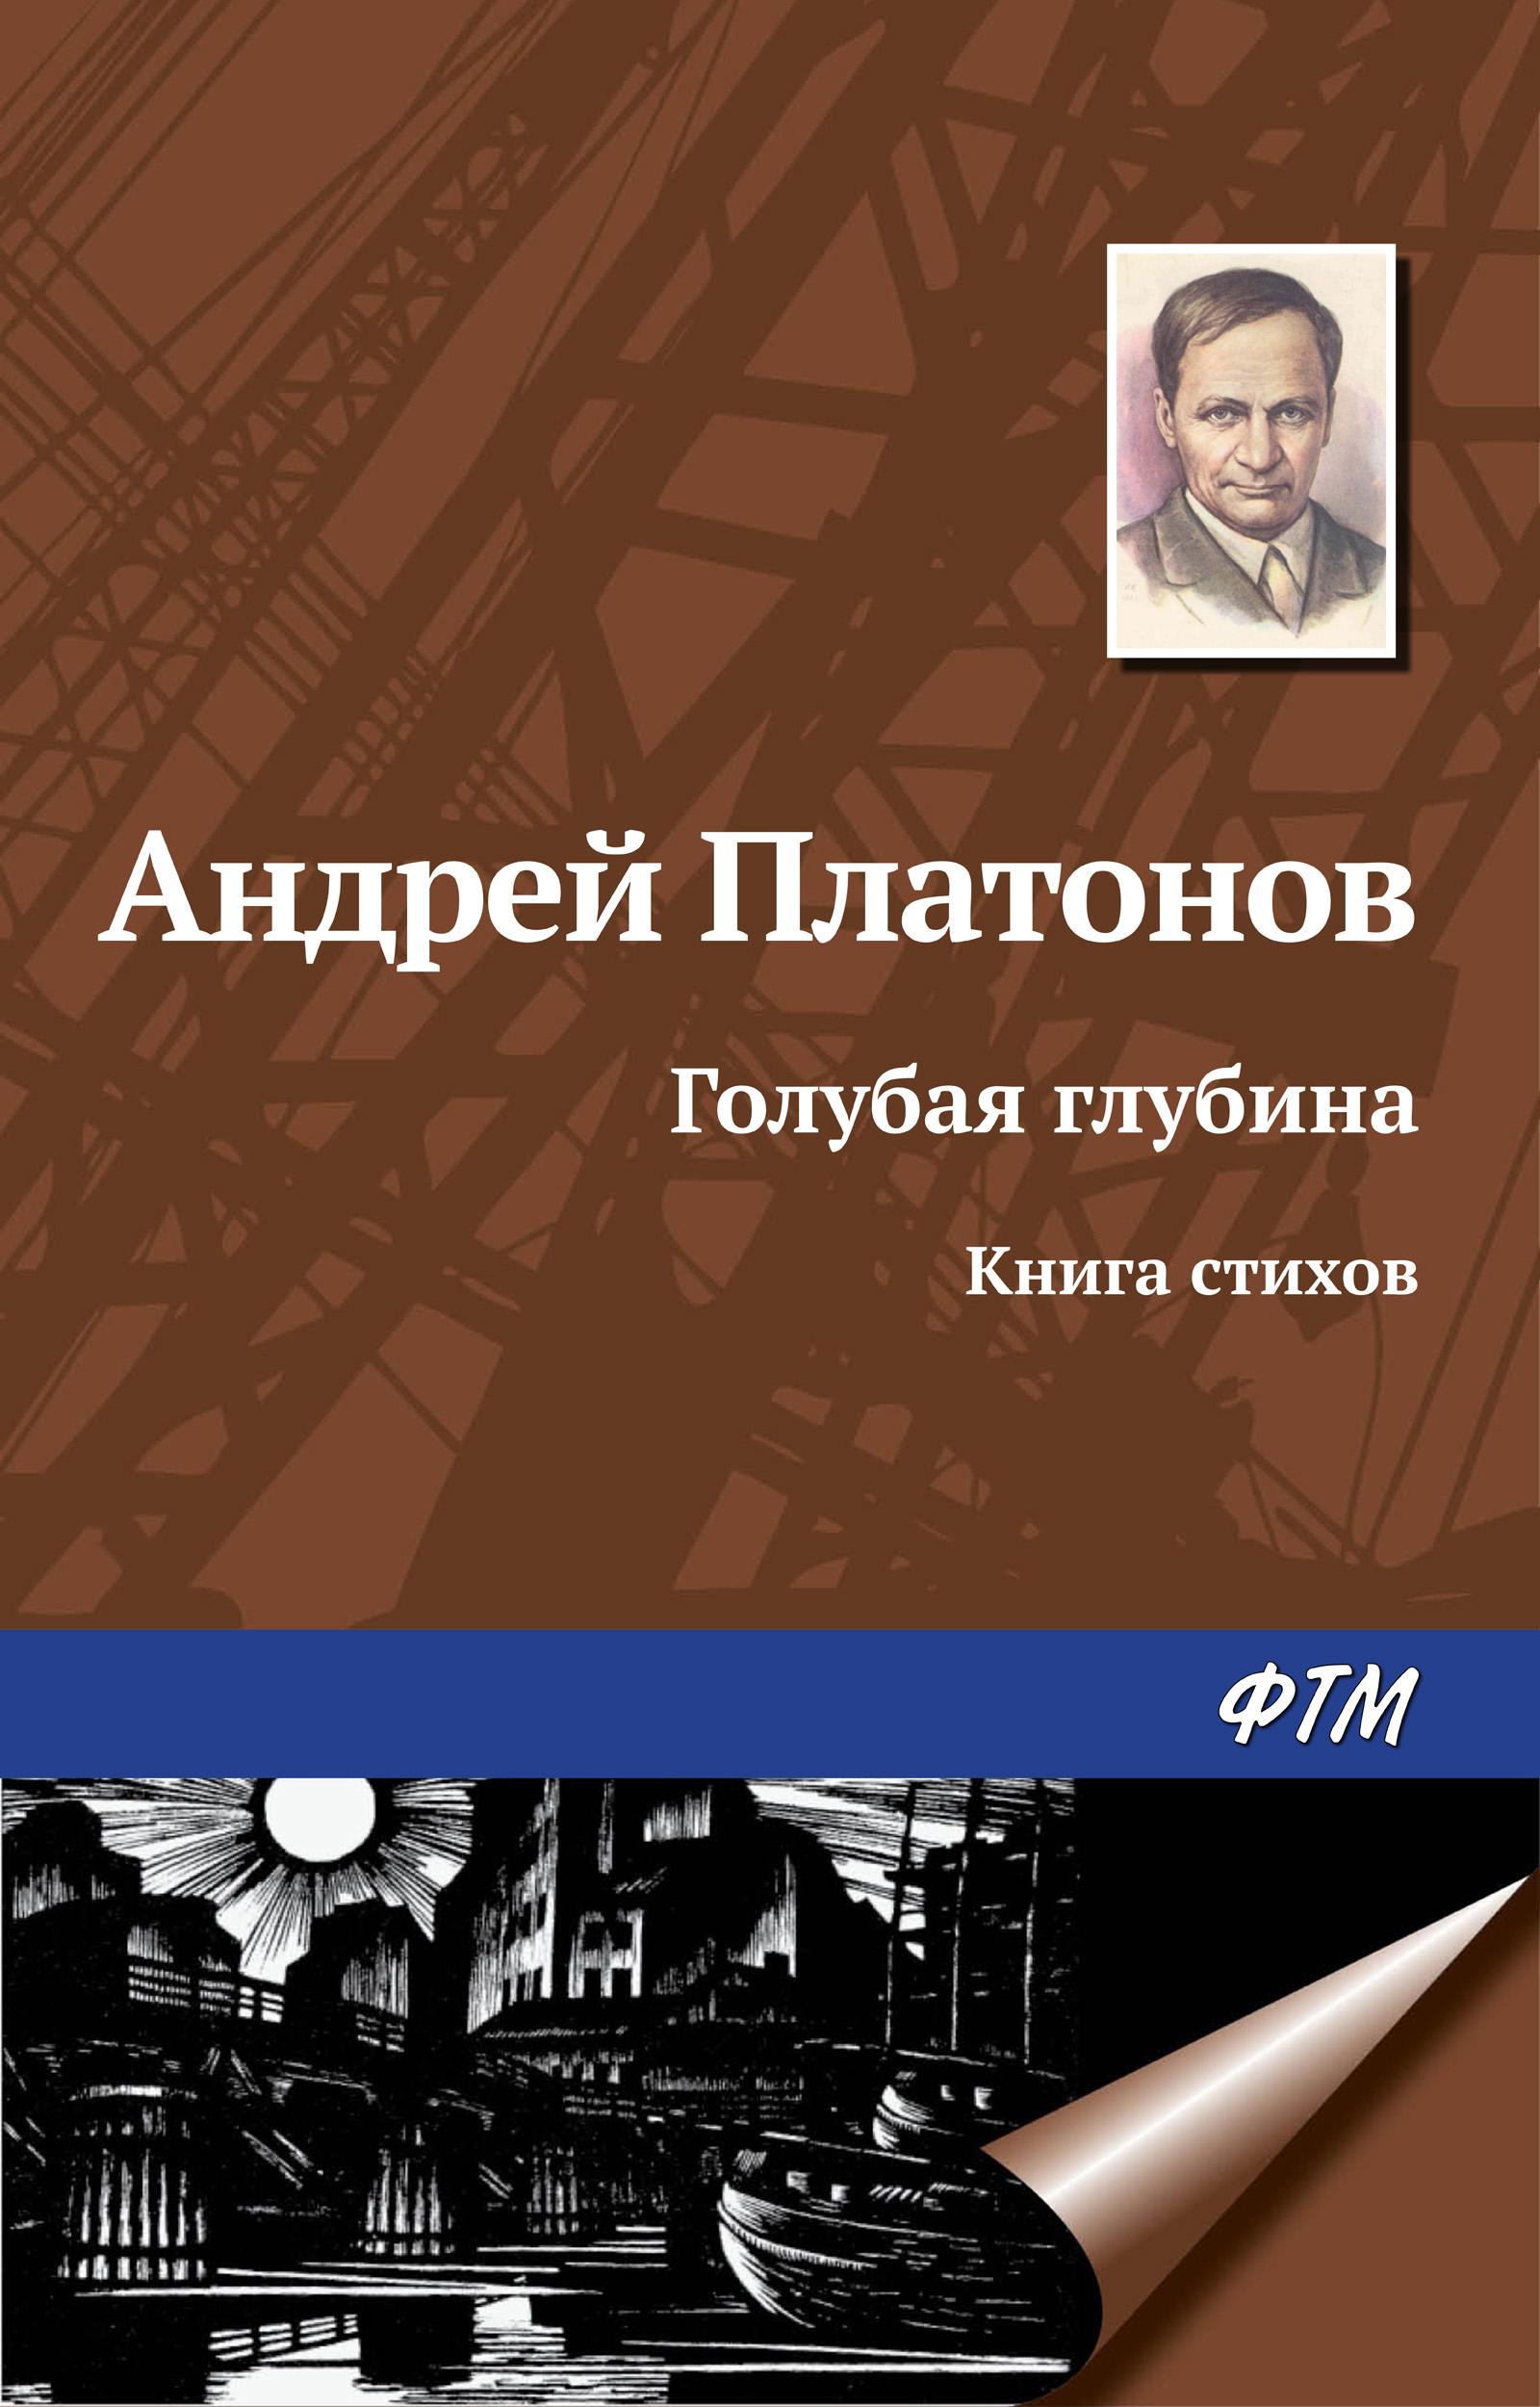 Андрей Платонов Голубая глубина. Книга стихов